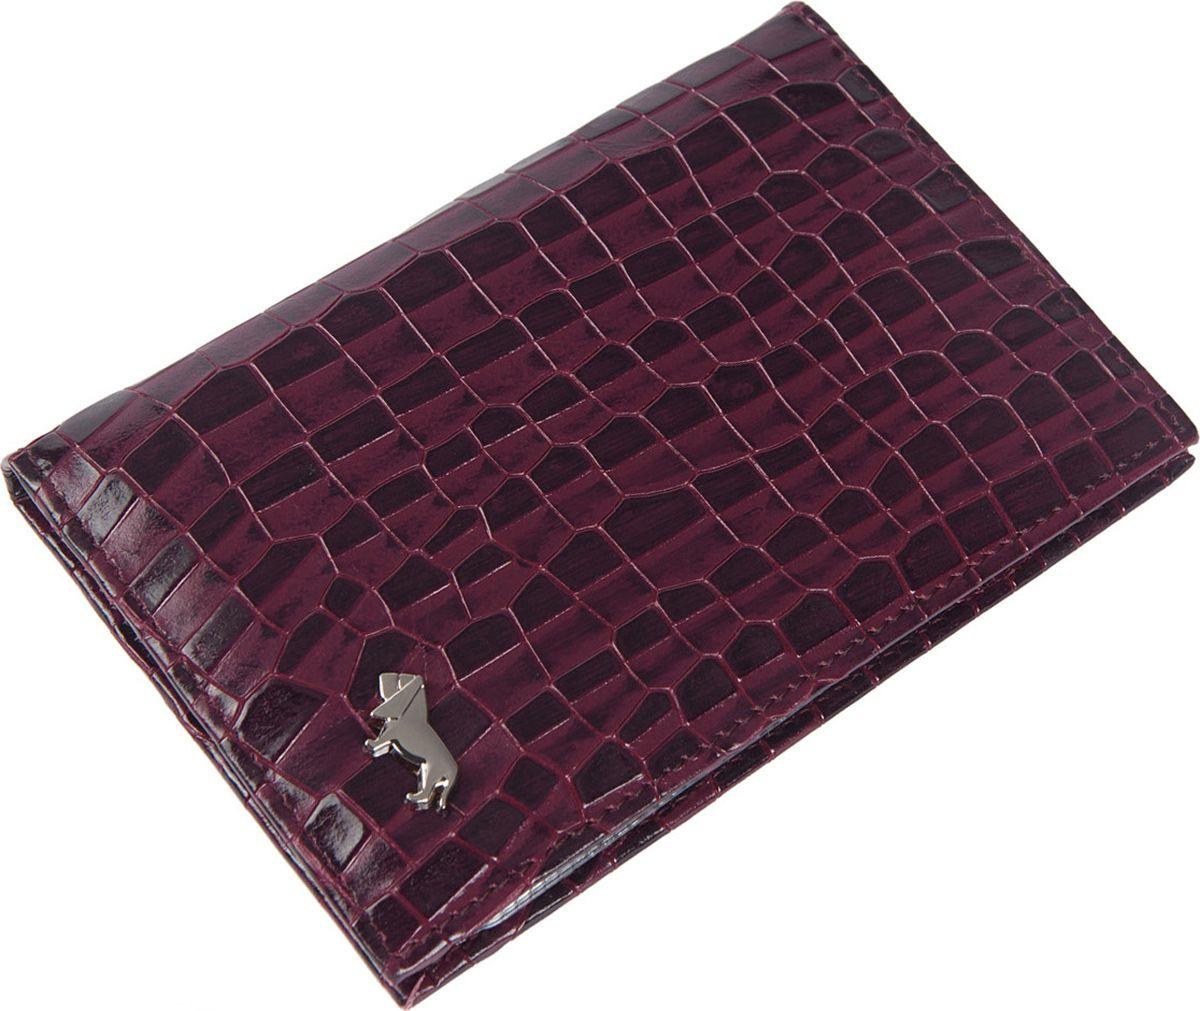 Обложка для документов женская Labbra, L056-1613 purple, фиолетовый austen j sense and sensibility isbn 9785519492430